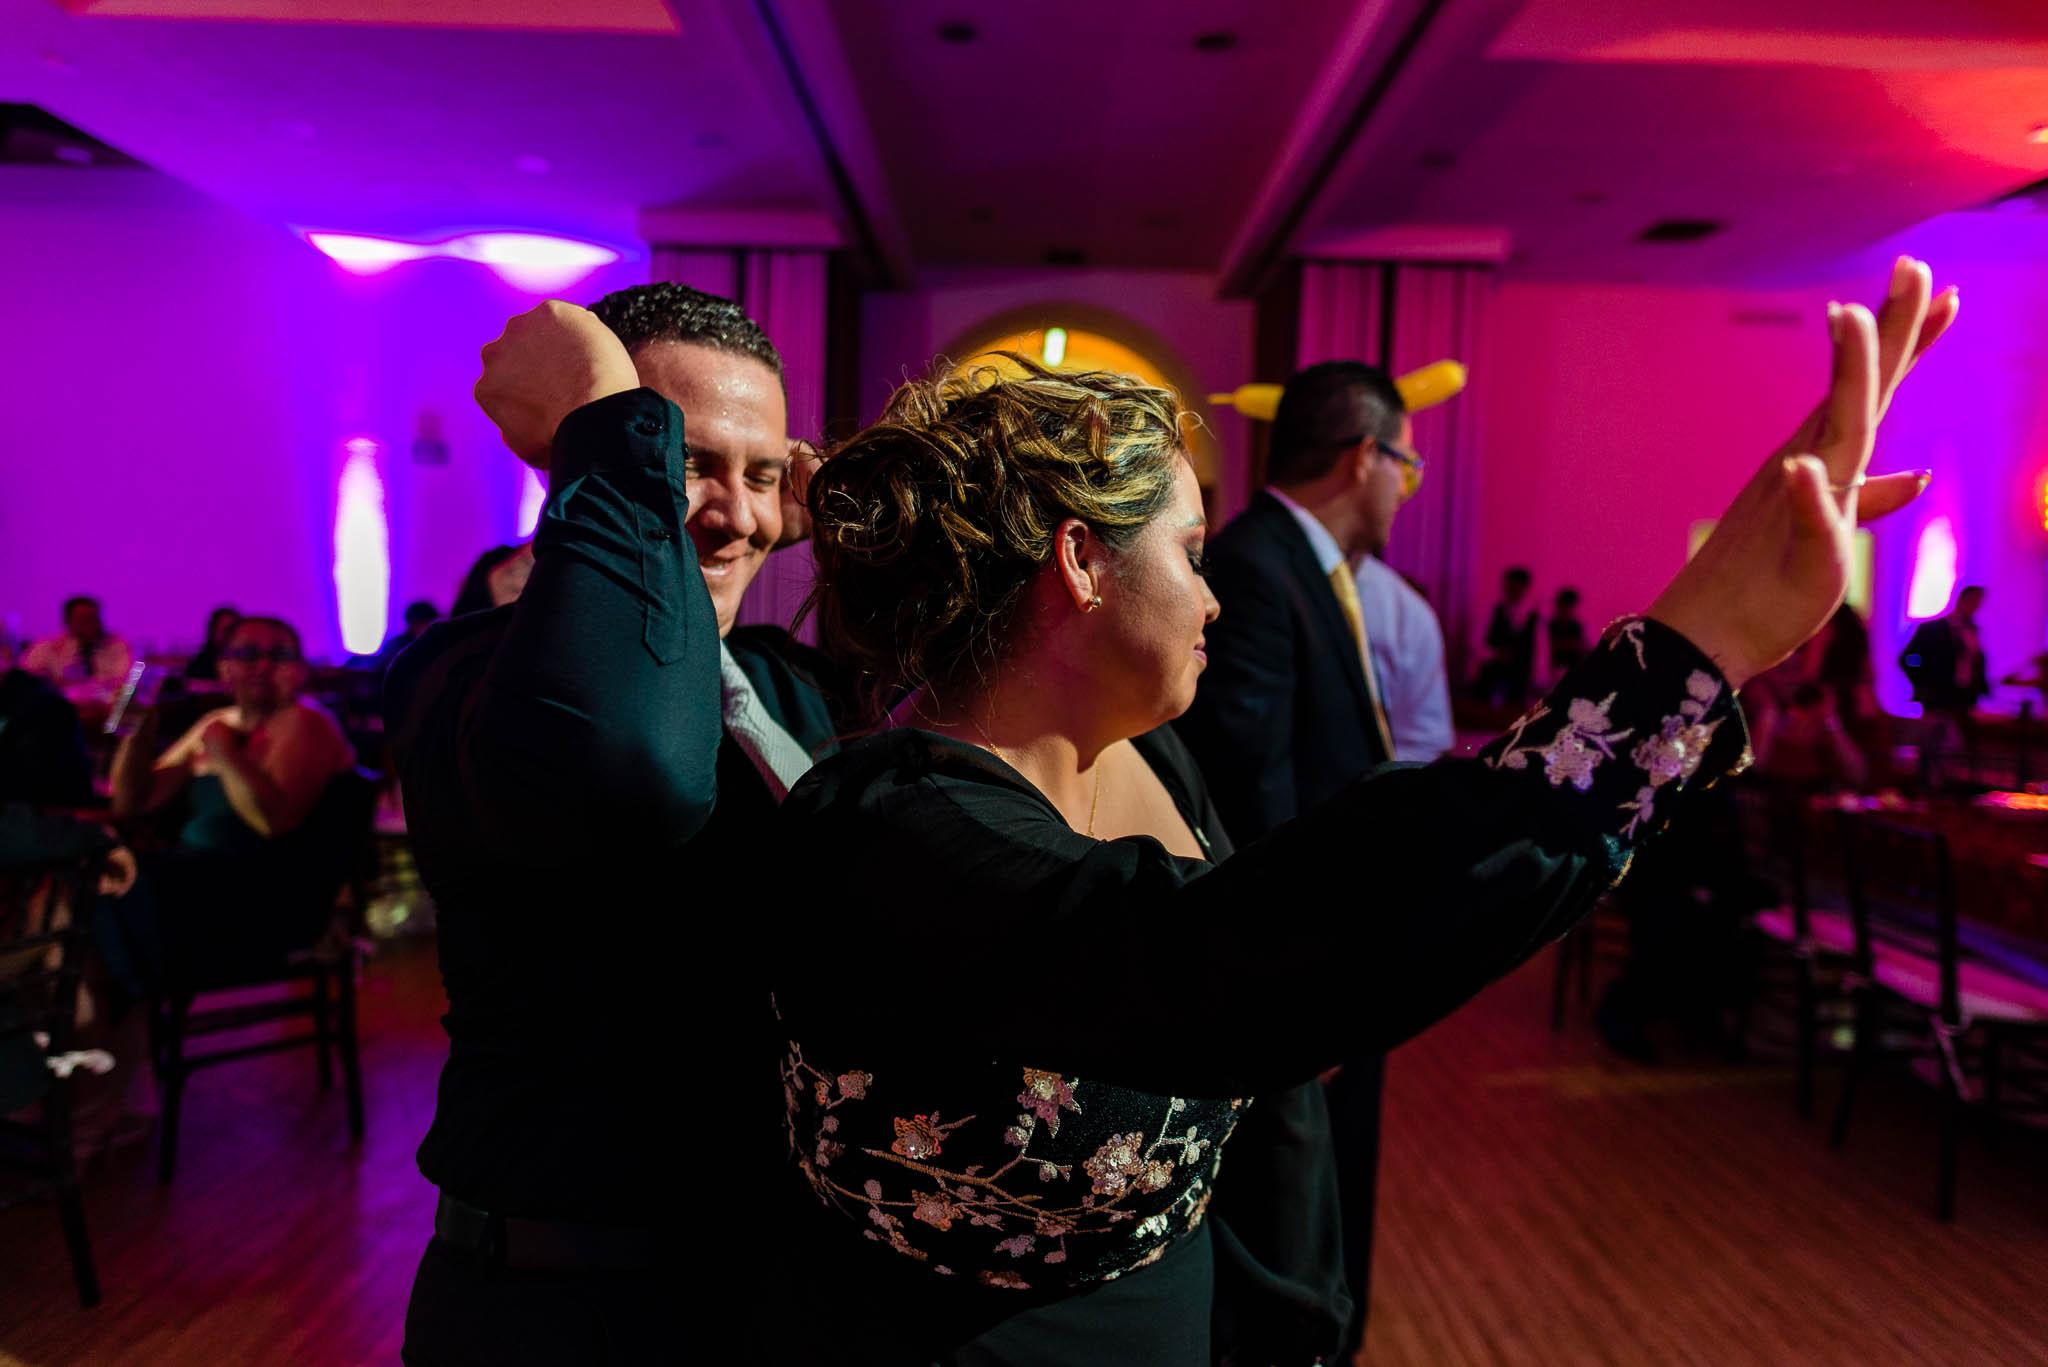 fotografo de bodas san luis potosi boda mexico wedding destination fotos de boda 301